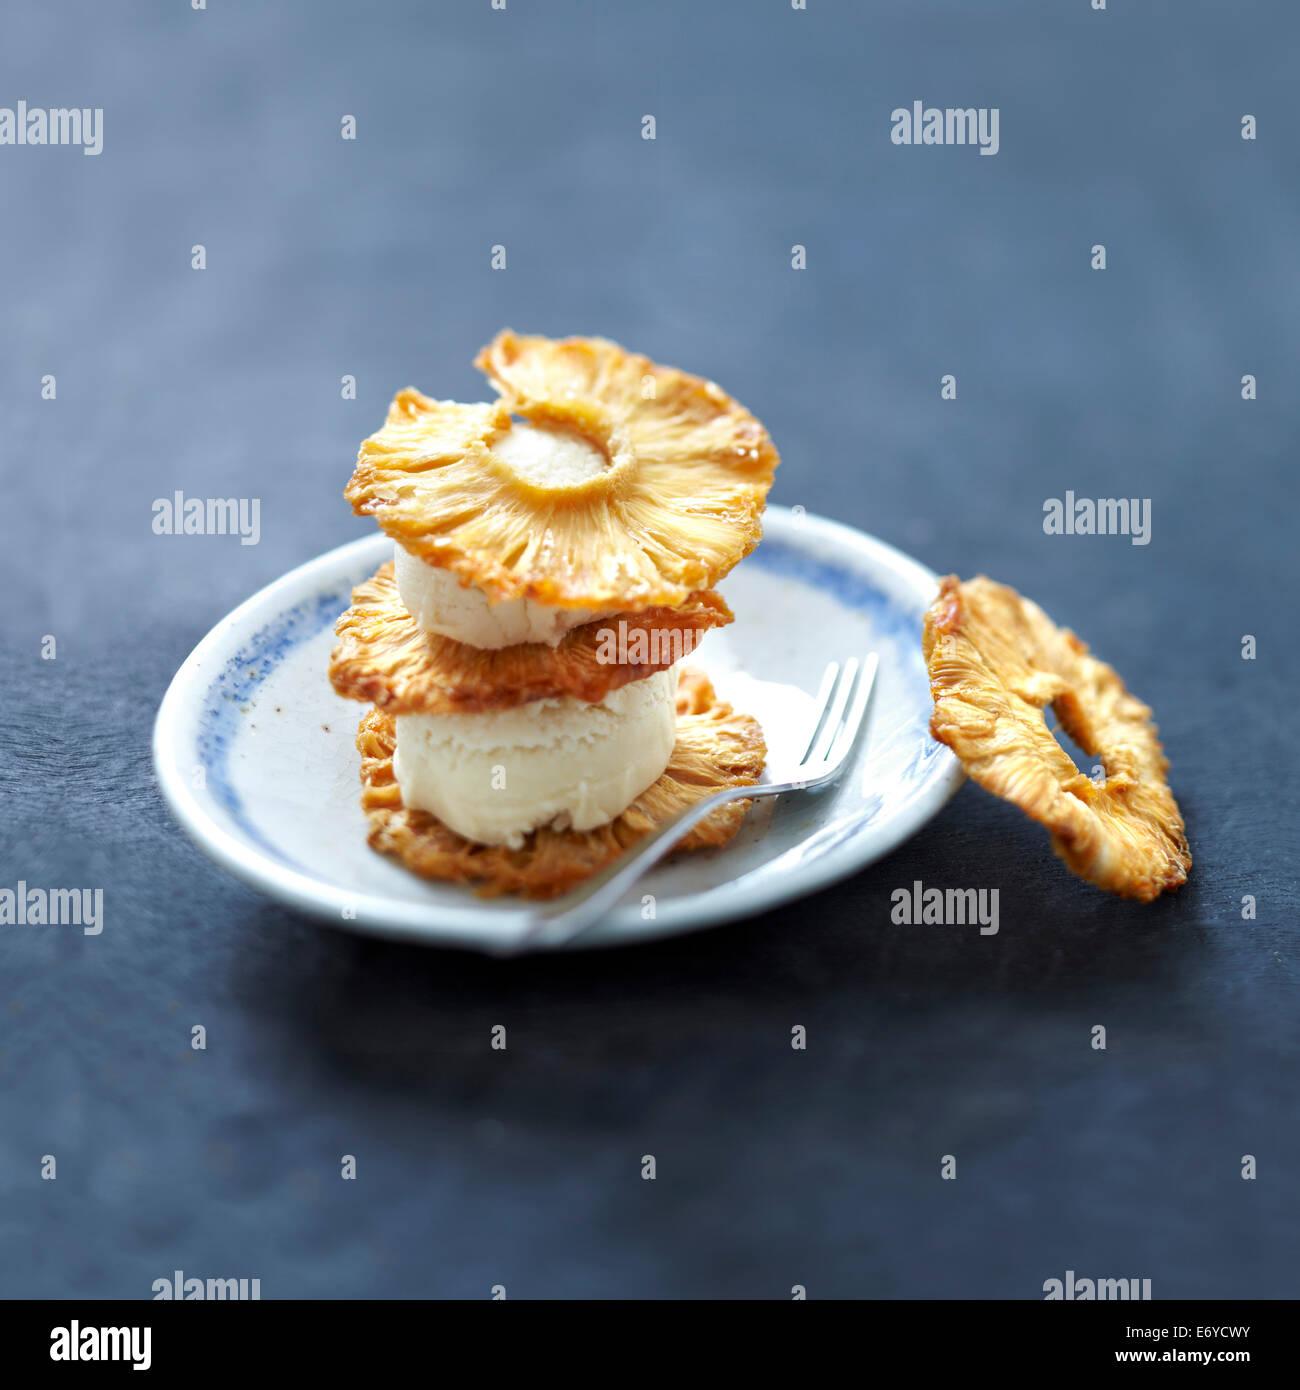 In Scheiben geschnitten gebratene Ananas-Kokos-Eis-dessert Stockbild